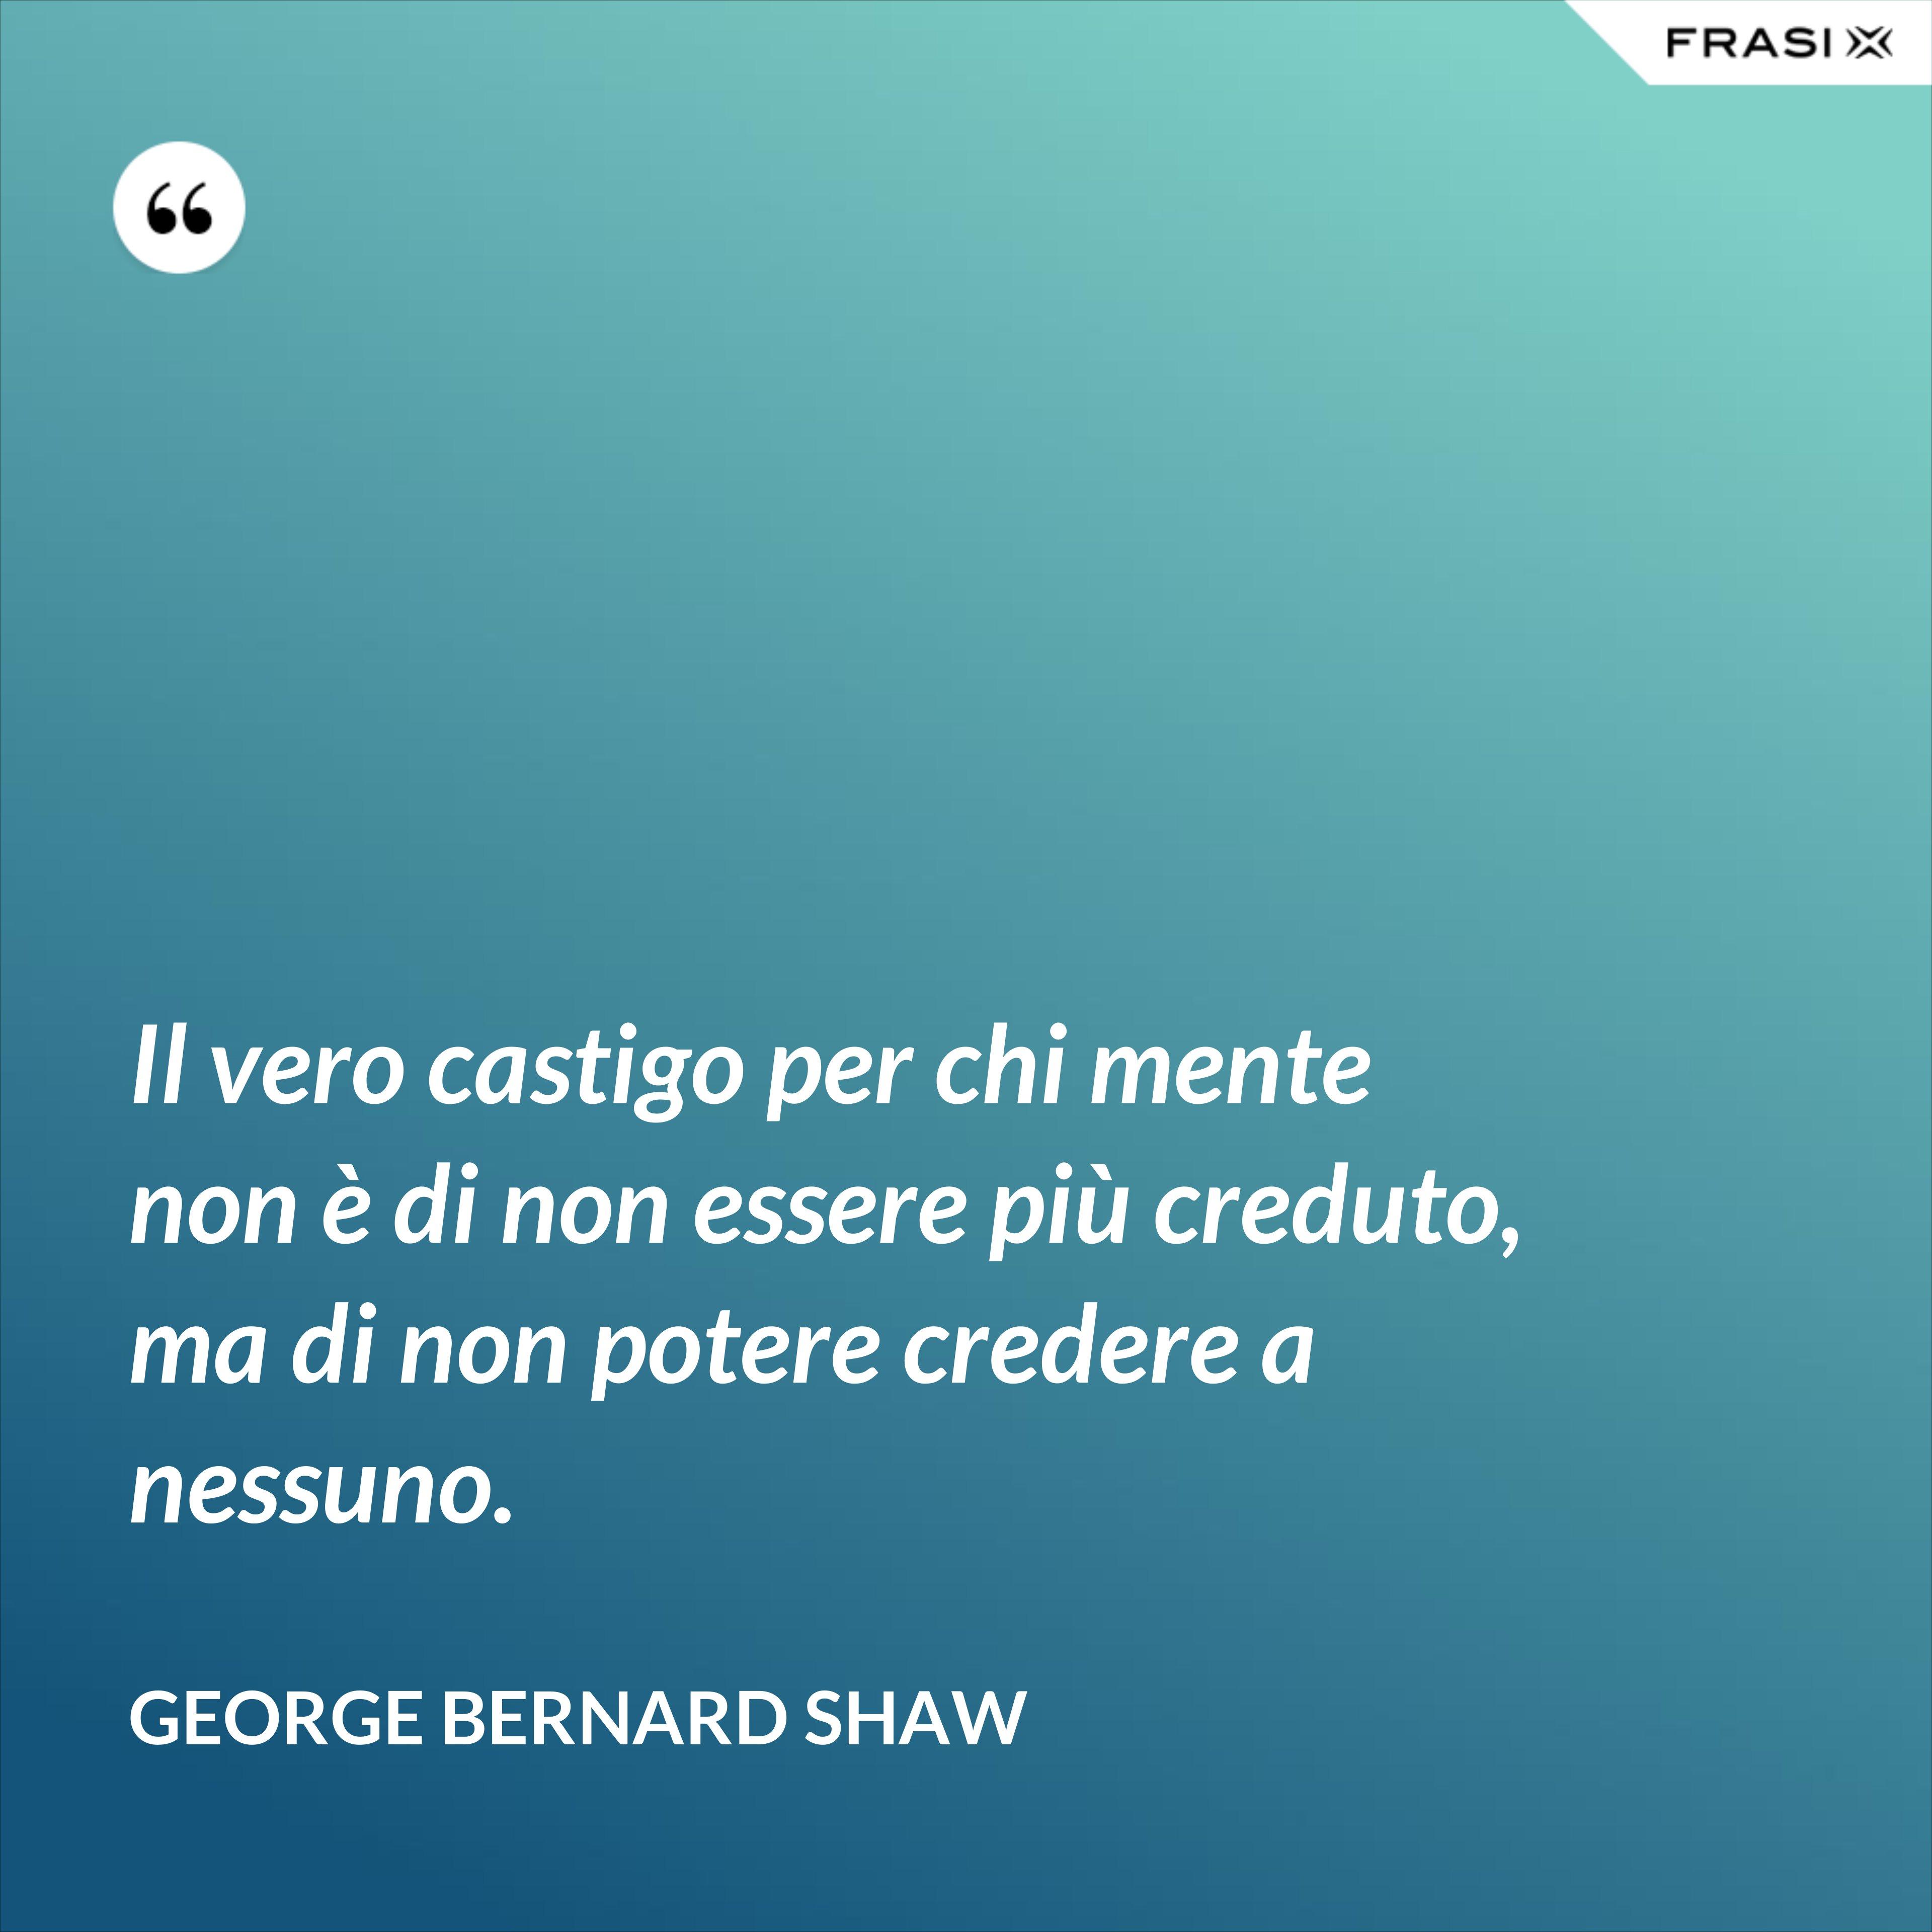 Il vero castigo per chi mente non è di non essere più creduto, ma di non potere credere a nessuno. - George Bernard Shaw